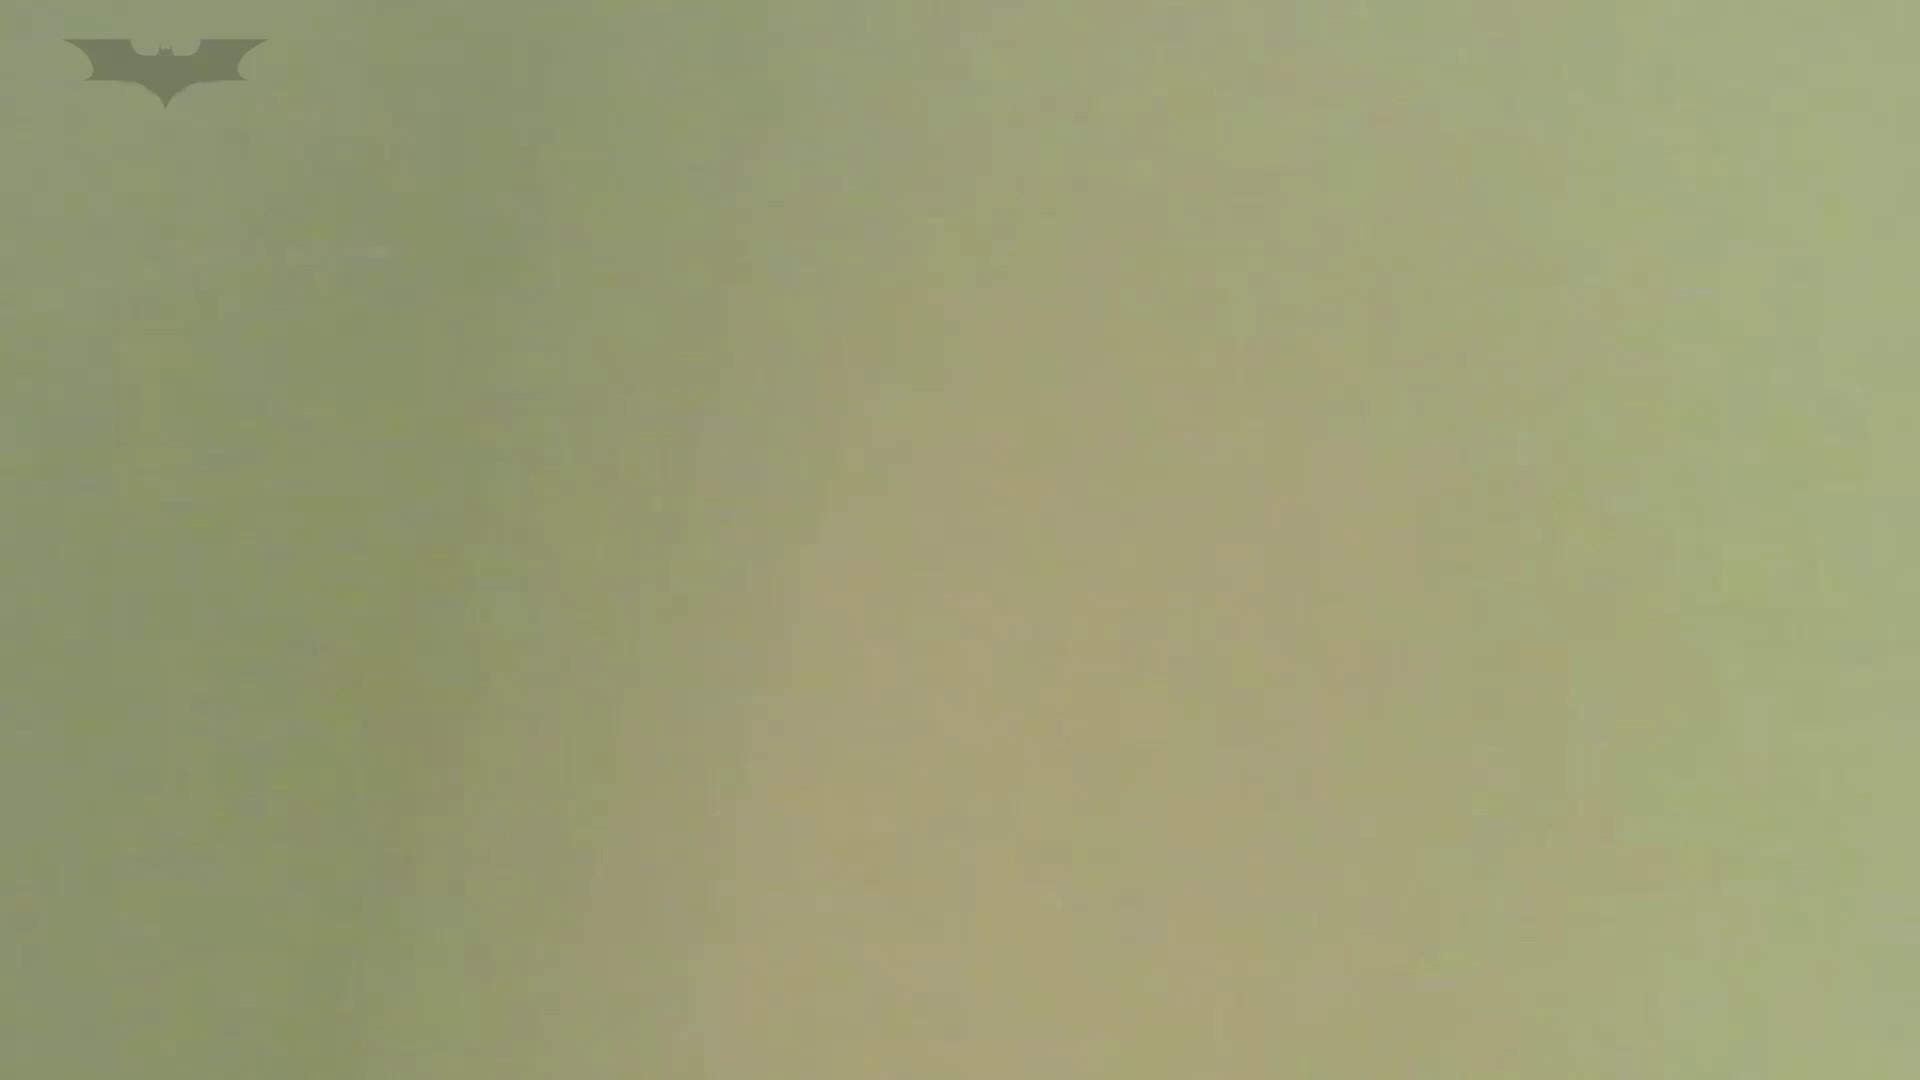 夏の思い出浜辺トイレ盗撮Vol.18 むっちりガール AV無料動画キャプチャ 98枚 22